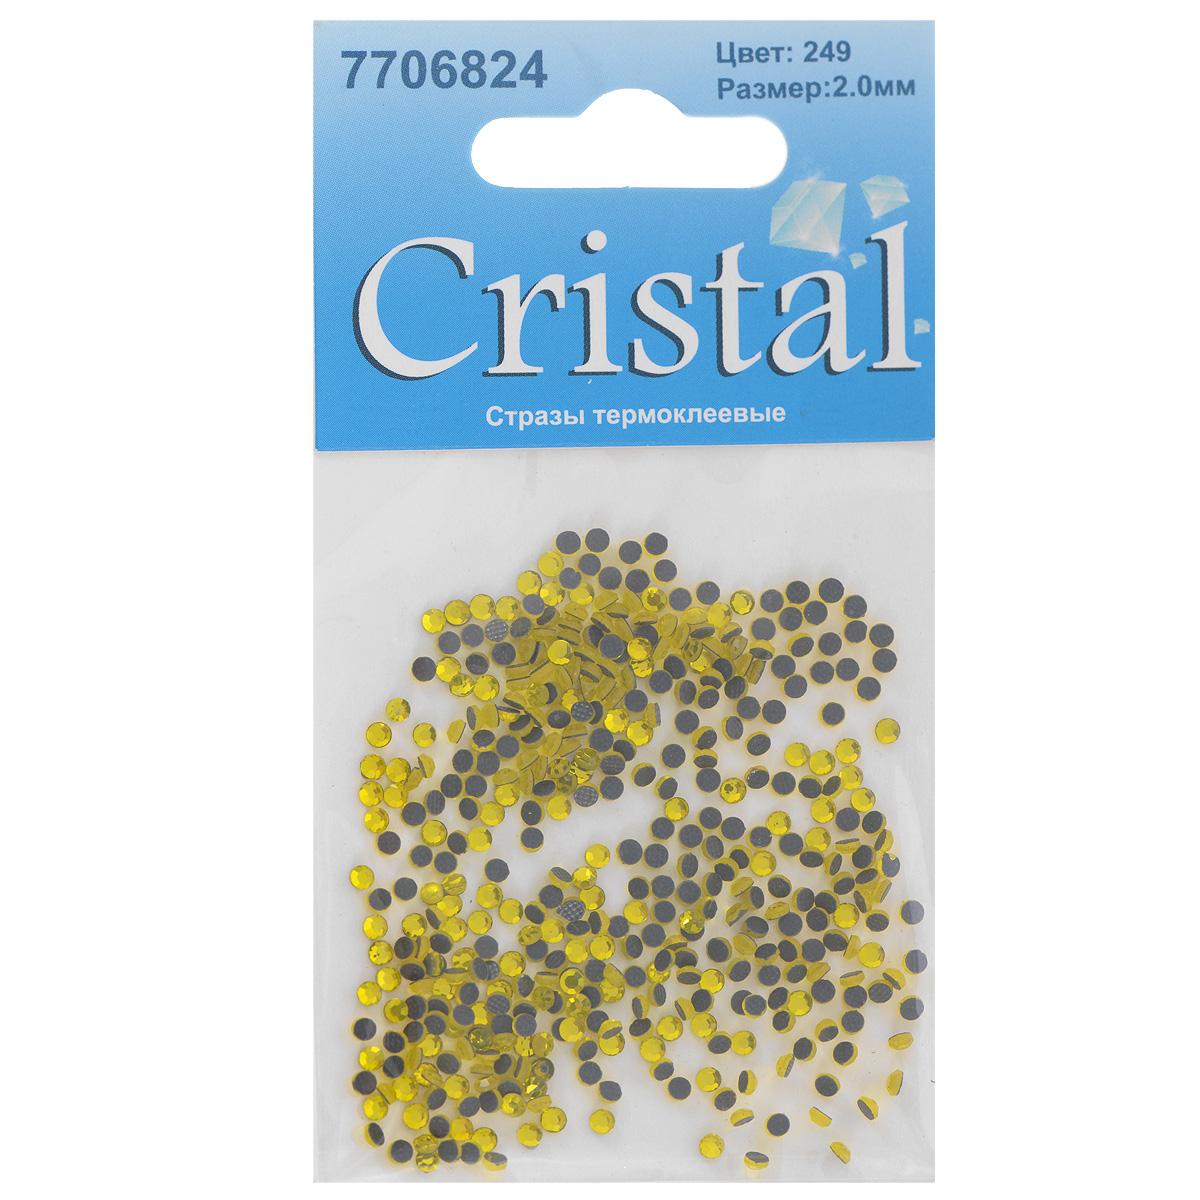 Стразы термоклеевые Cristal, цвет: желтый (249), диаметр 2 мм, 432 шт7706824_249Набор термоклеевых страз Cristal, изготовленный из высококачественного акрила, позволит вам украсить одежду, аксессуары или текстиль. Яркие стразы имеют плоское дно и круглую поверхность с гранями. Дно термоклеевых страз уже обработано особым клеем, который под воздействием высоких температур начинает плавиться, приклеиваясь, таким образом, к требуемой поверхности. Чаще всего их используют в текстильной промышленности: стразы прикладывают к ткани и проглаживают утюгом с обратной стороны. Также можно использовать специальный паяльник. Украшение стразами поможет сделать любую вещь оригинальной и неповторимой. Диаметр страз: 2 мм.